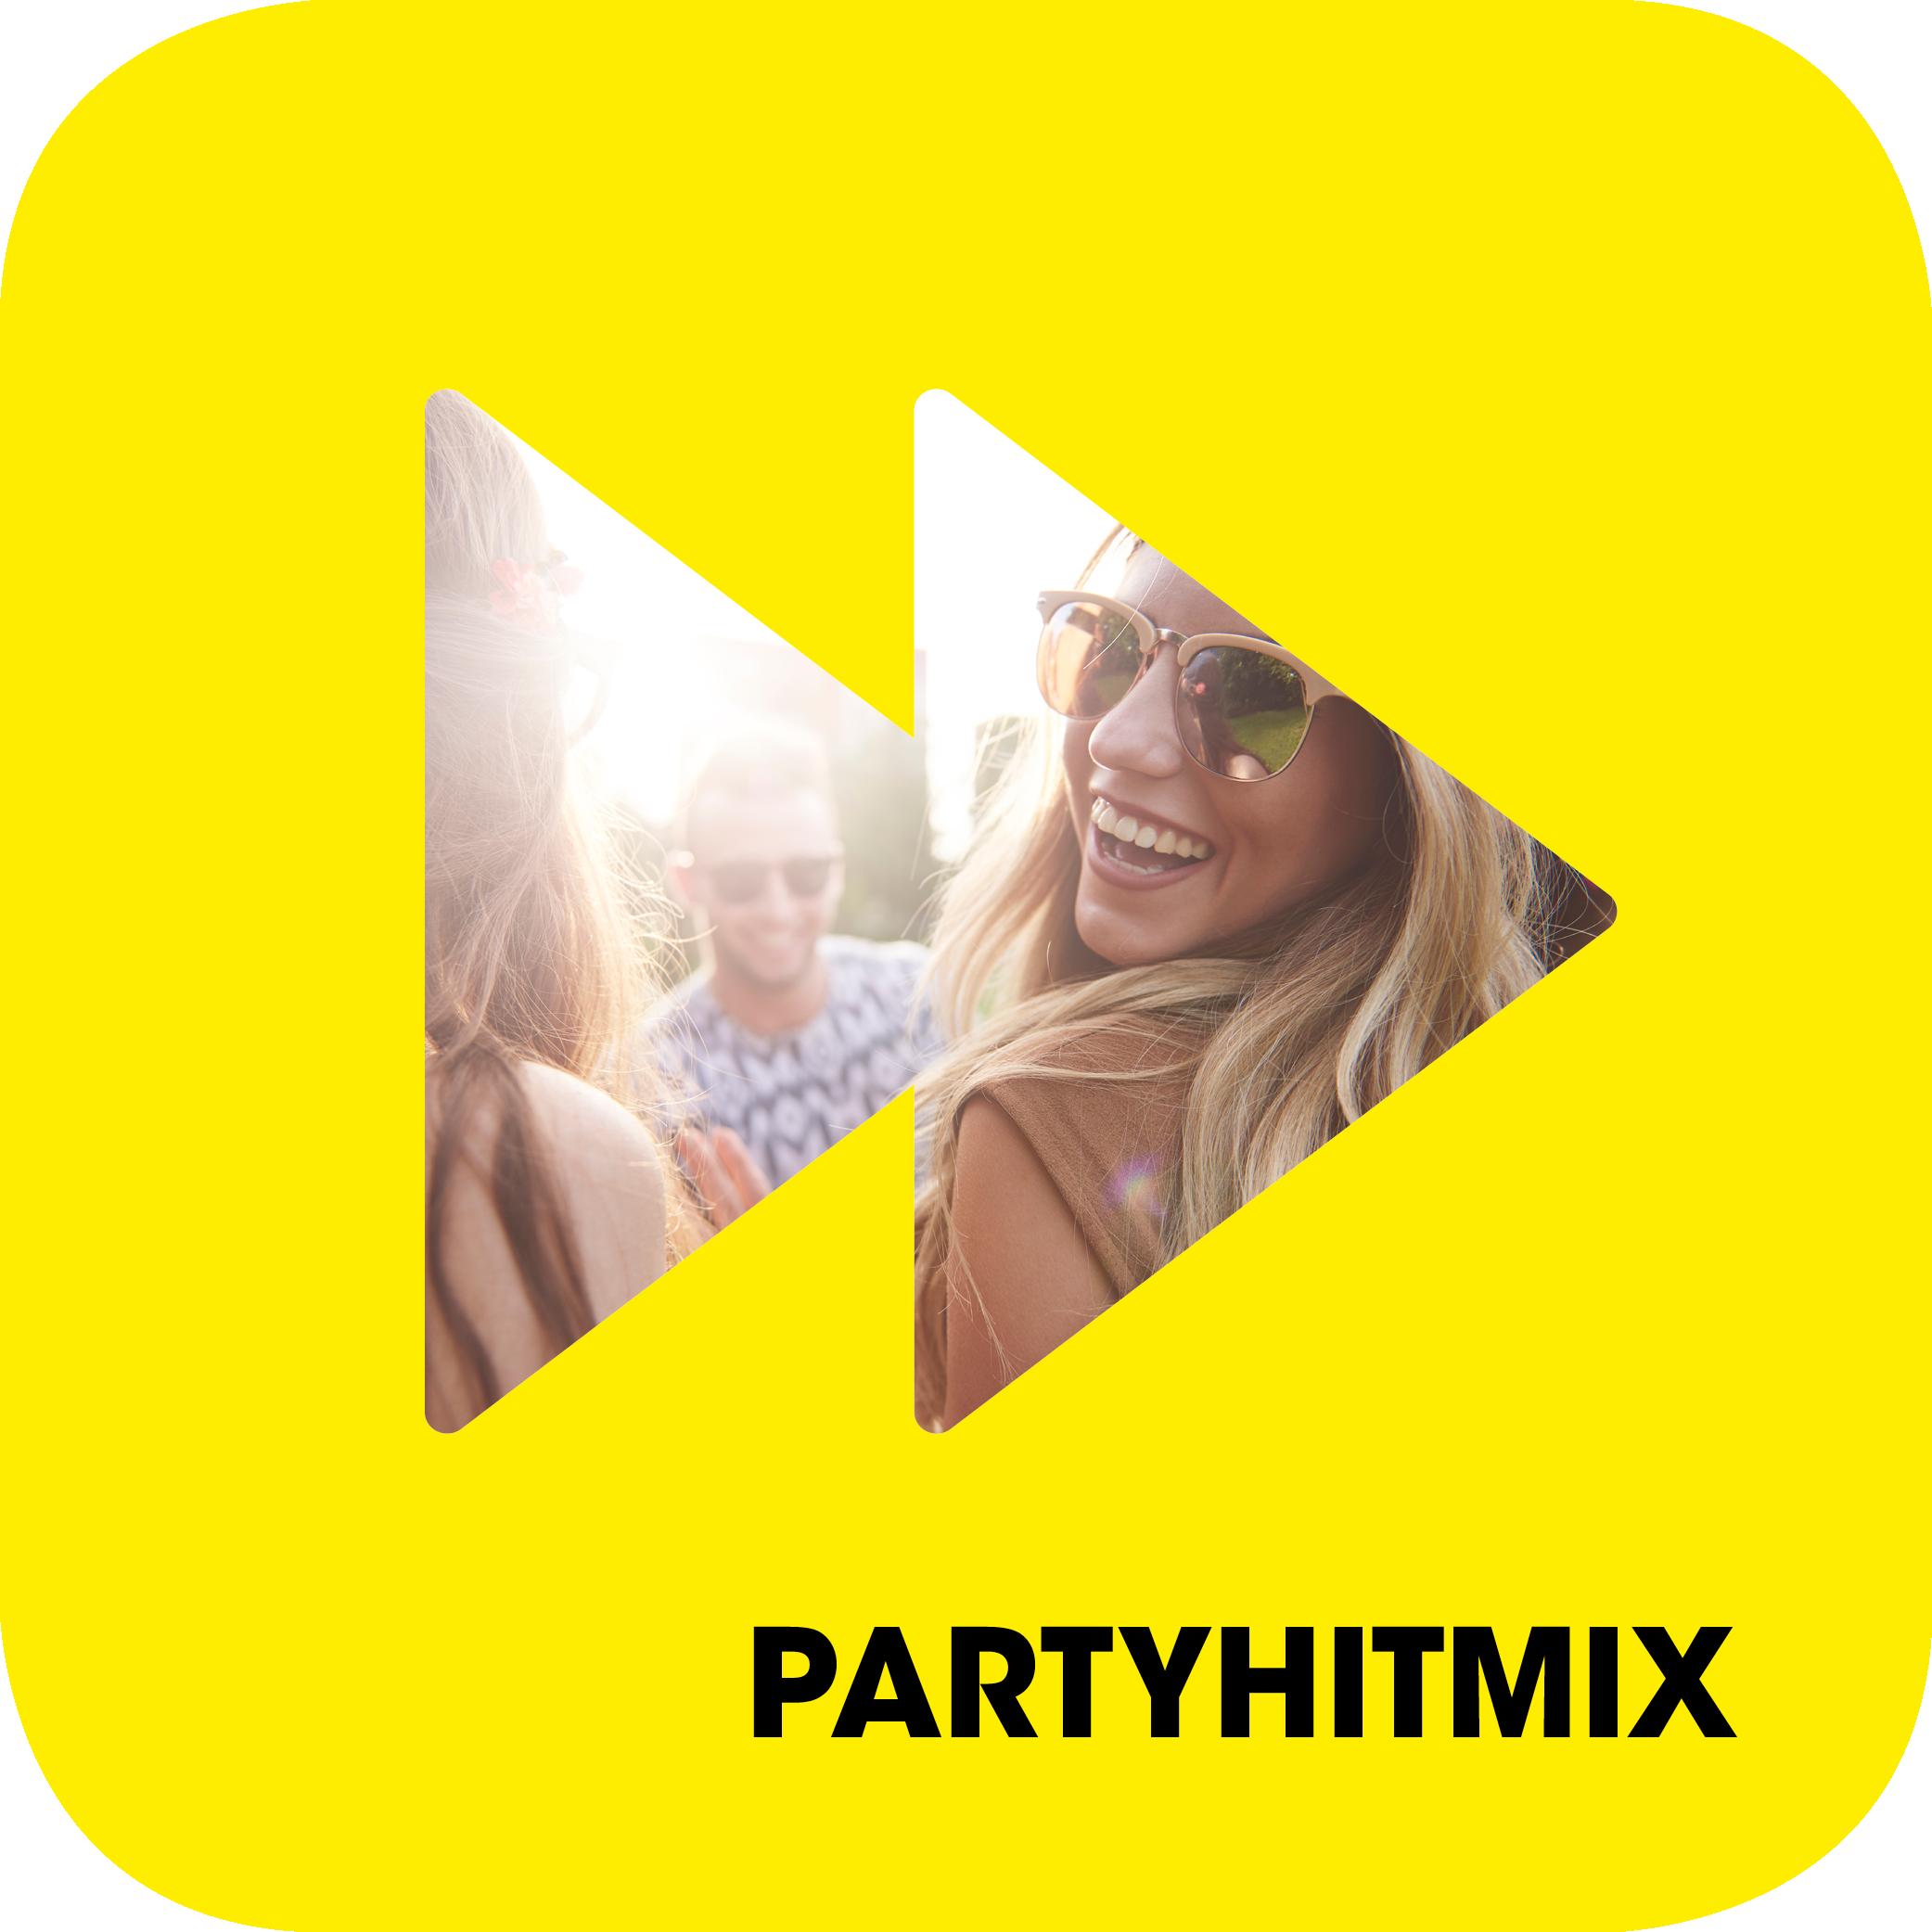 Partyhitmix - 24h Party feiern   Antenne Steiermark